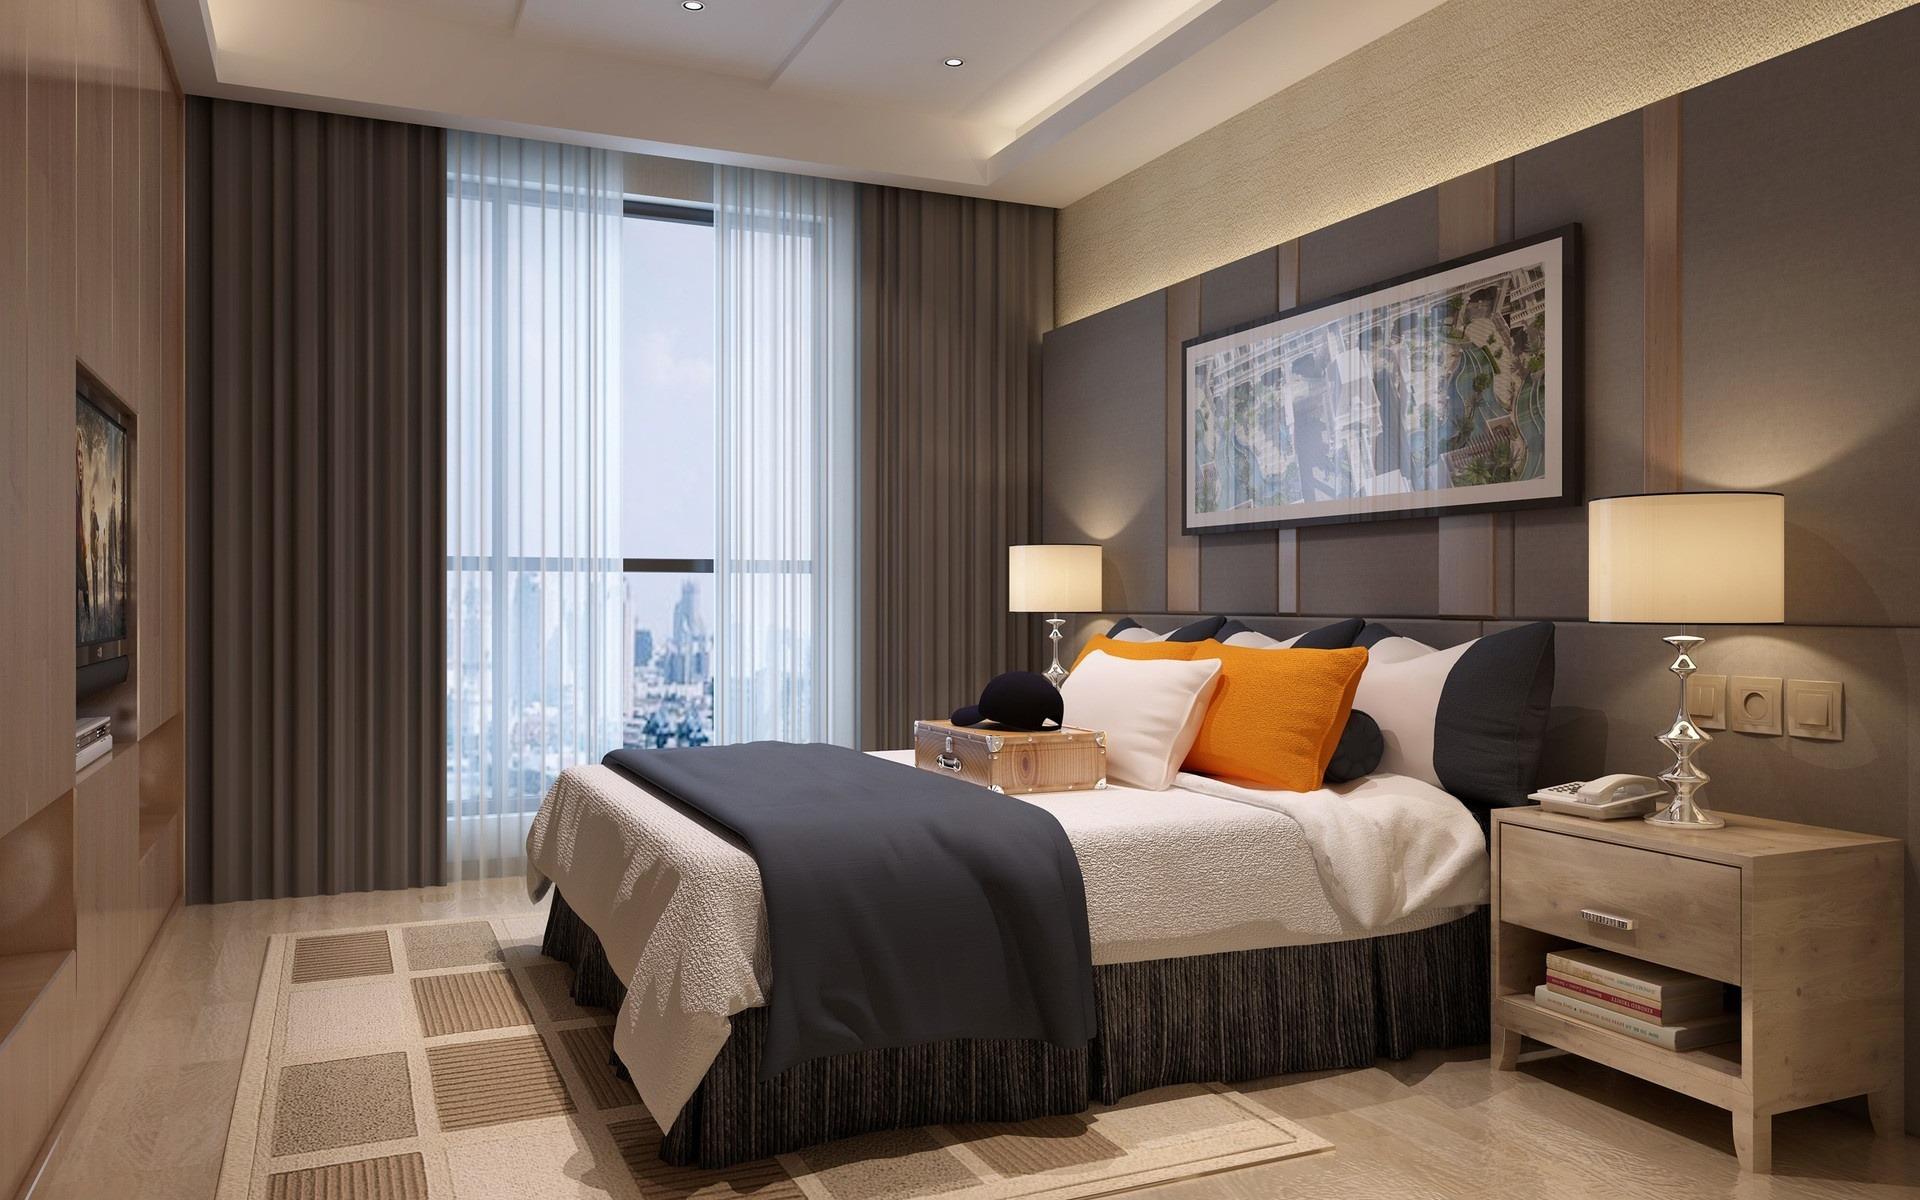 Full Size of Großes Bett Herunterladen Hintergrundbild Moderne Schlafzimmer Design Skandinavisch Mädchen Betten Nussbaum Weiss Günstig Massivholz Kaufen überlänge 120 Bett Großes Bett